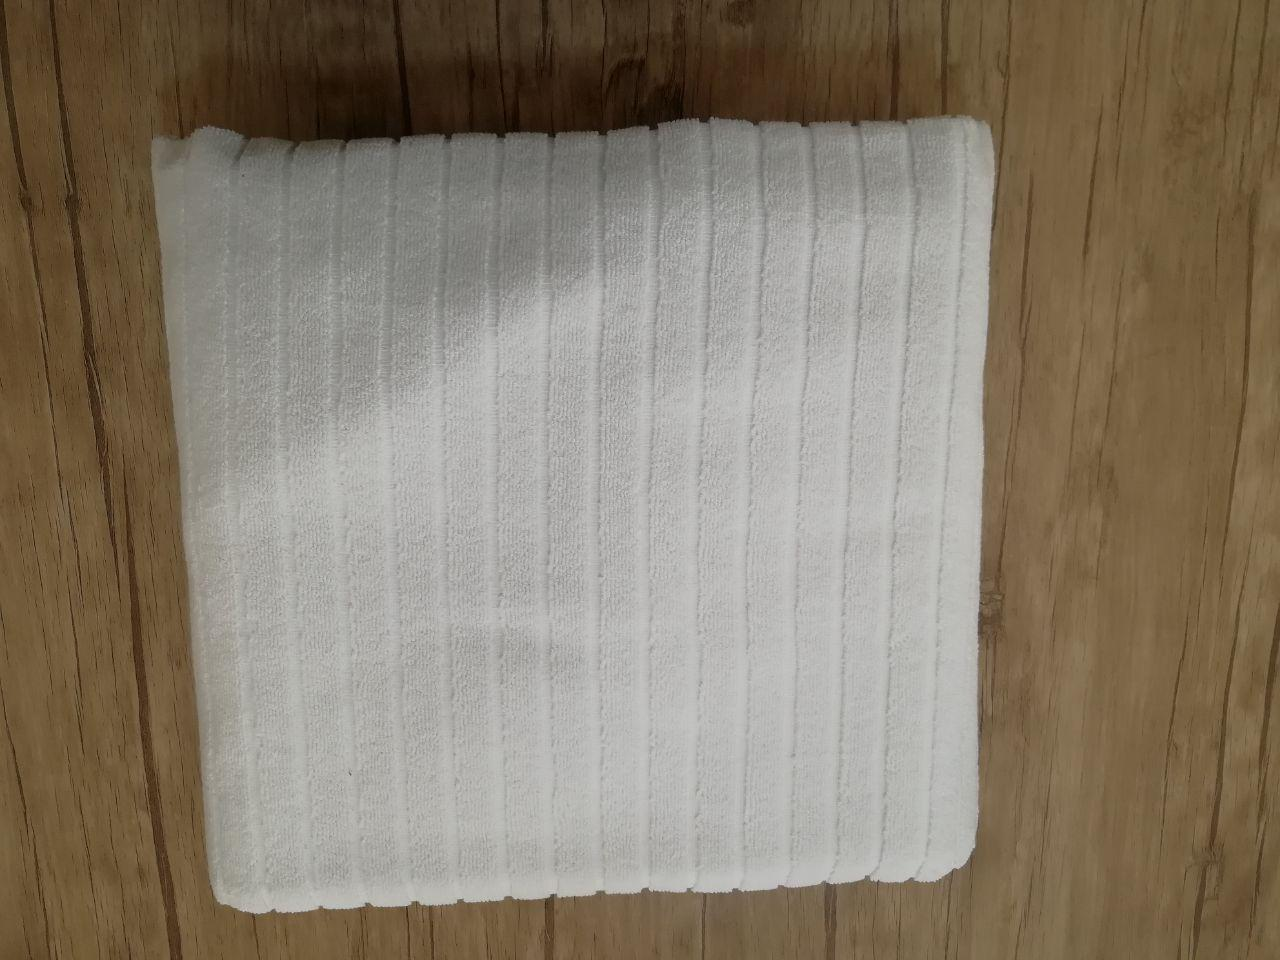 buy Towel blanket in zarrin sap